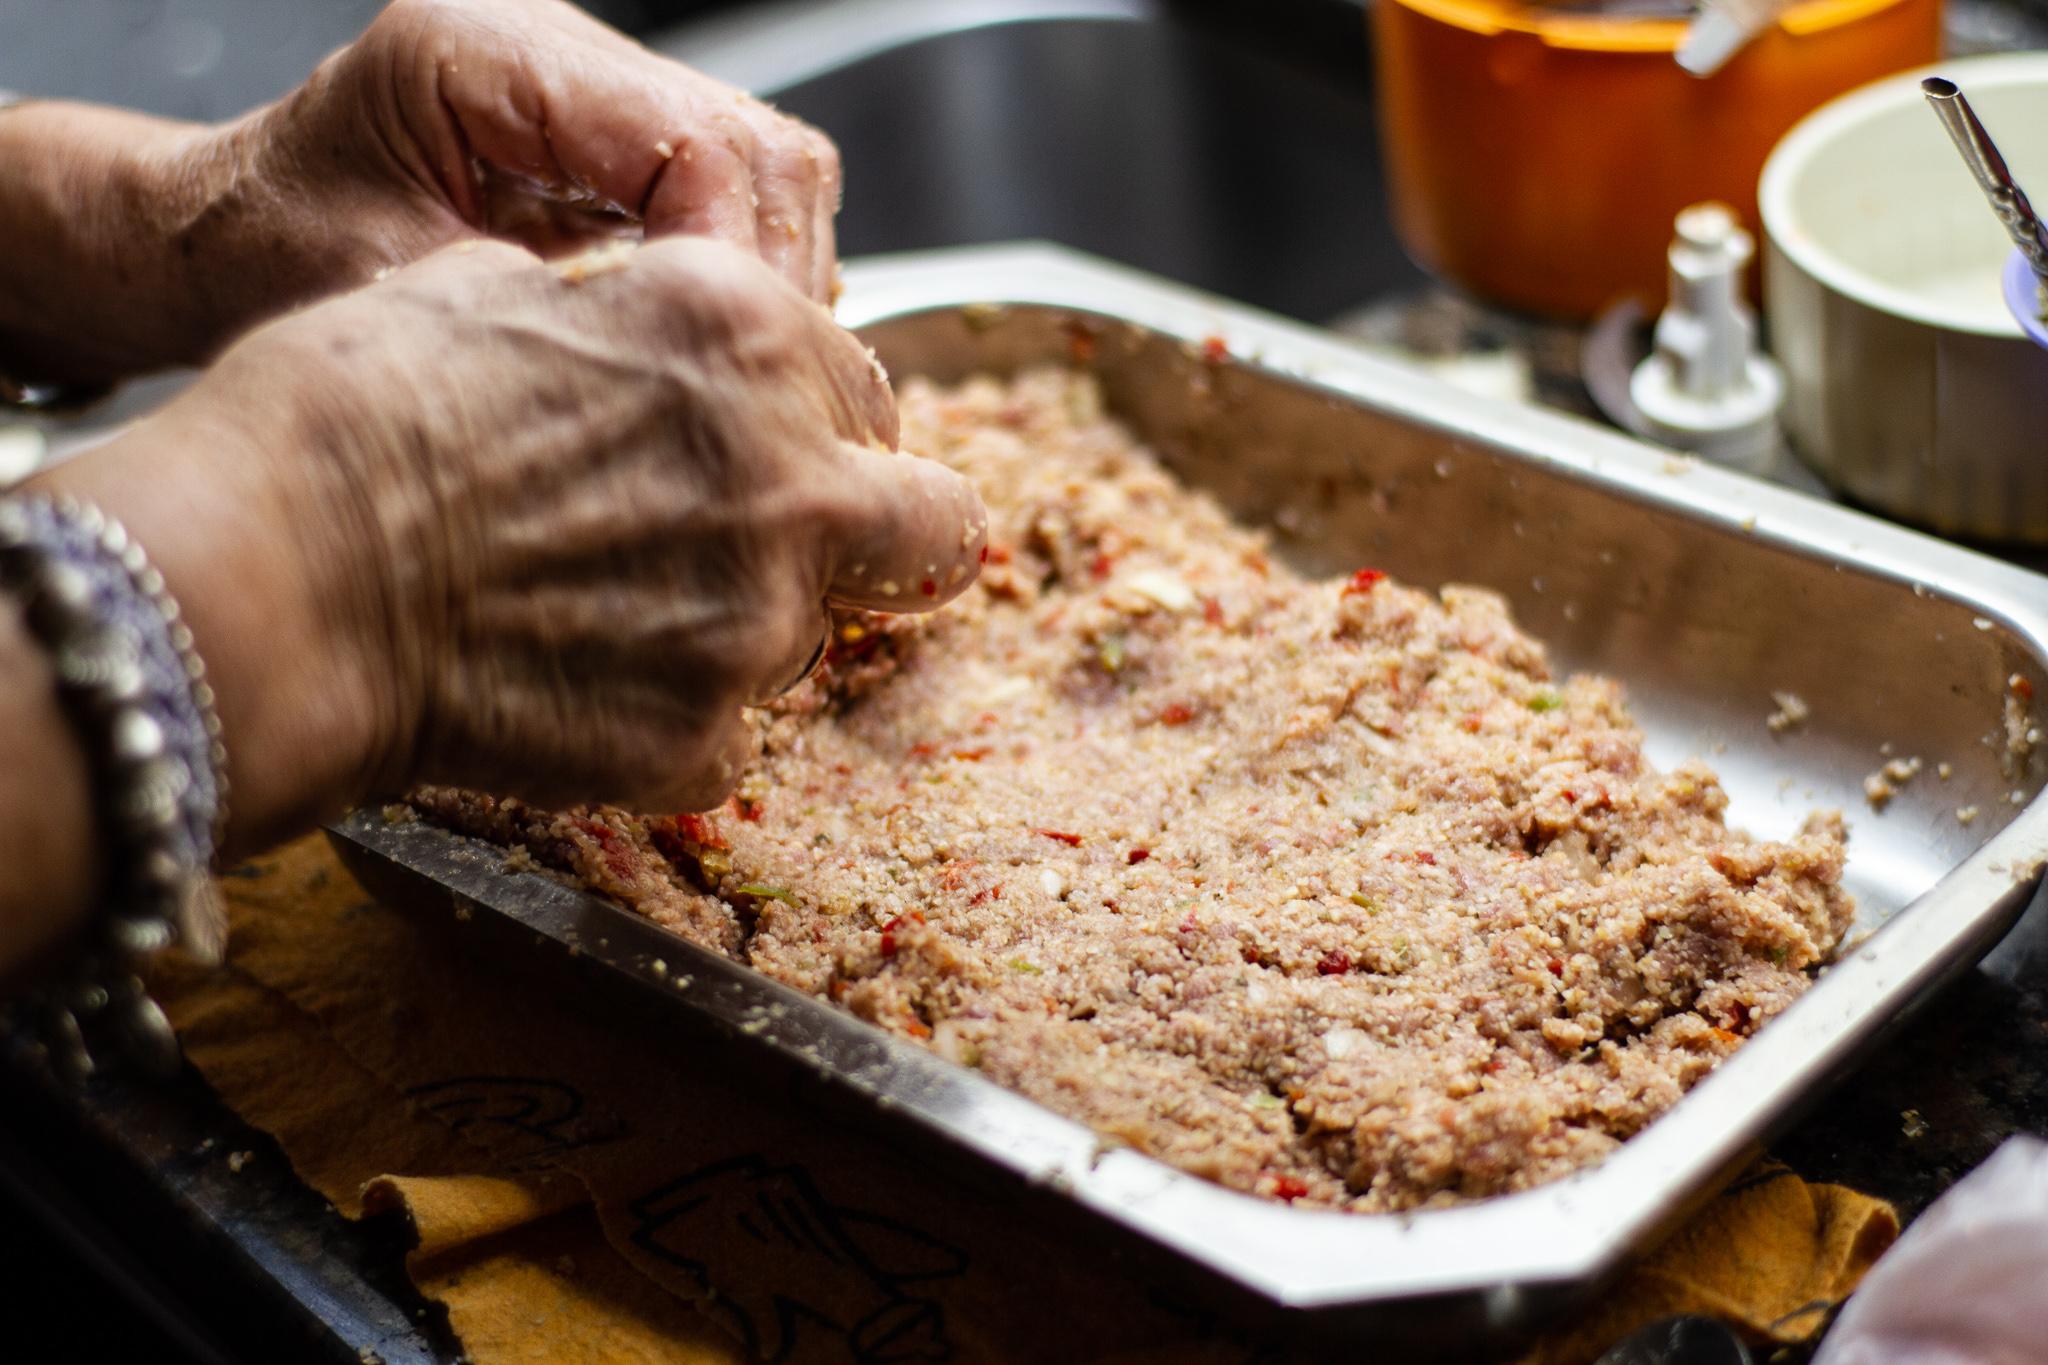 Aida setting kibbi mix into baking dish.